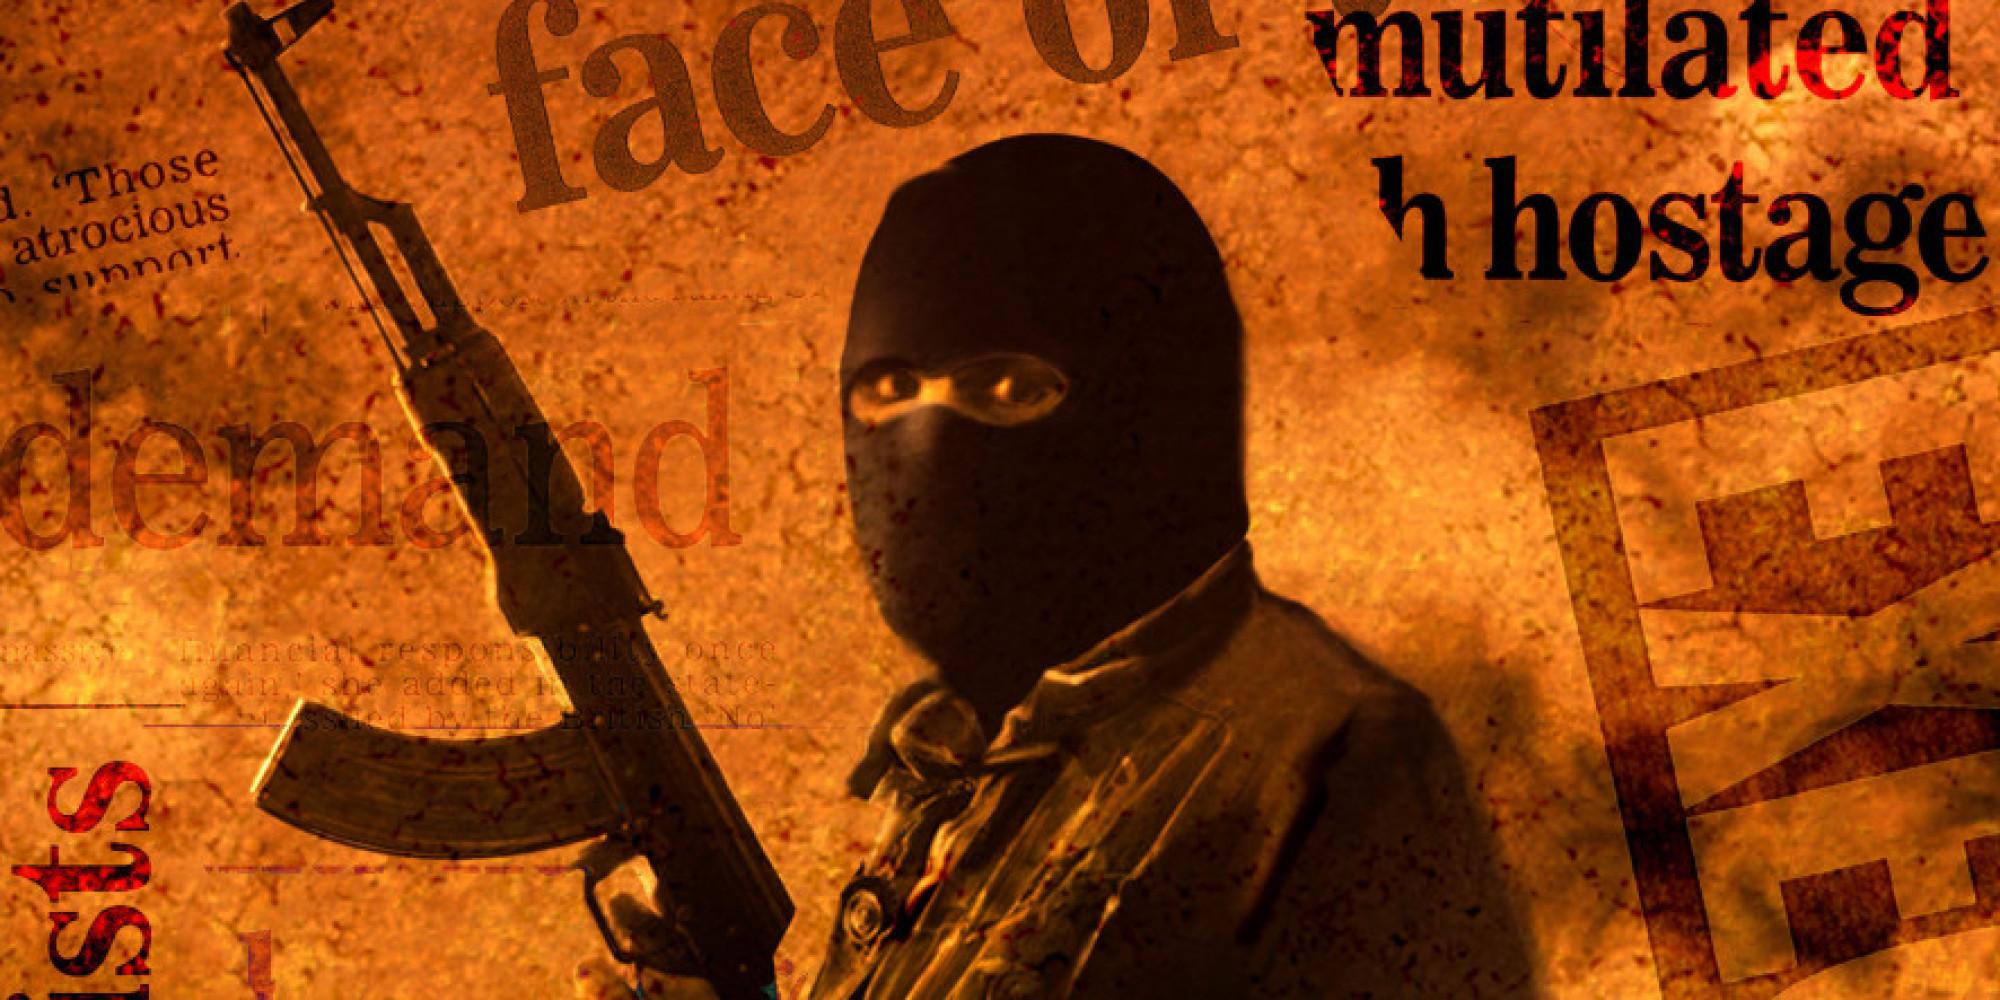 تغذية الارهاب : كيف يصنع المتطرفون